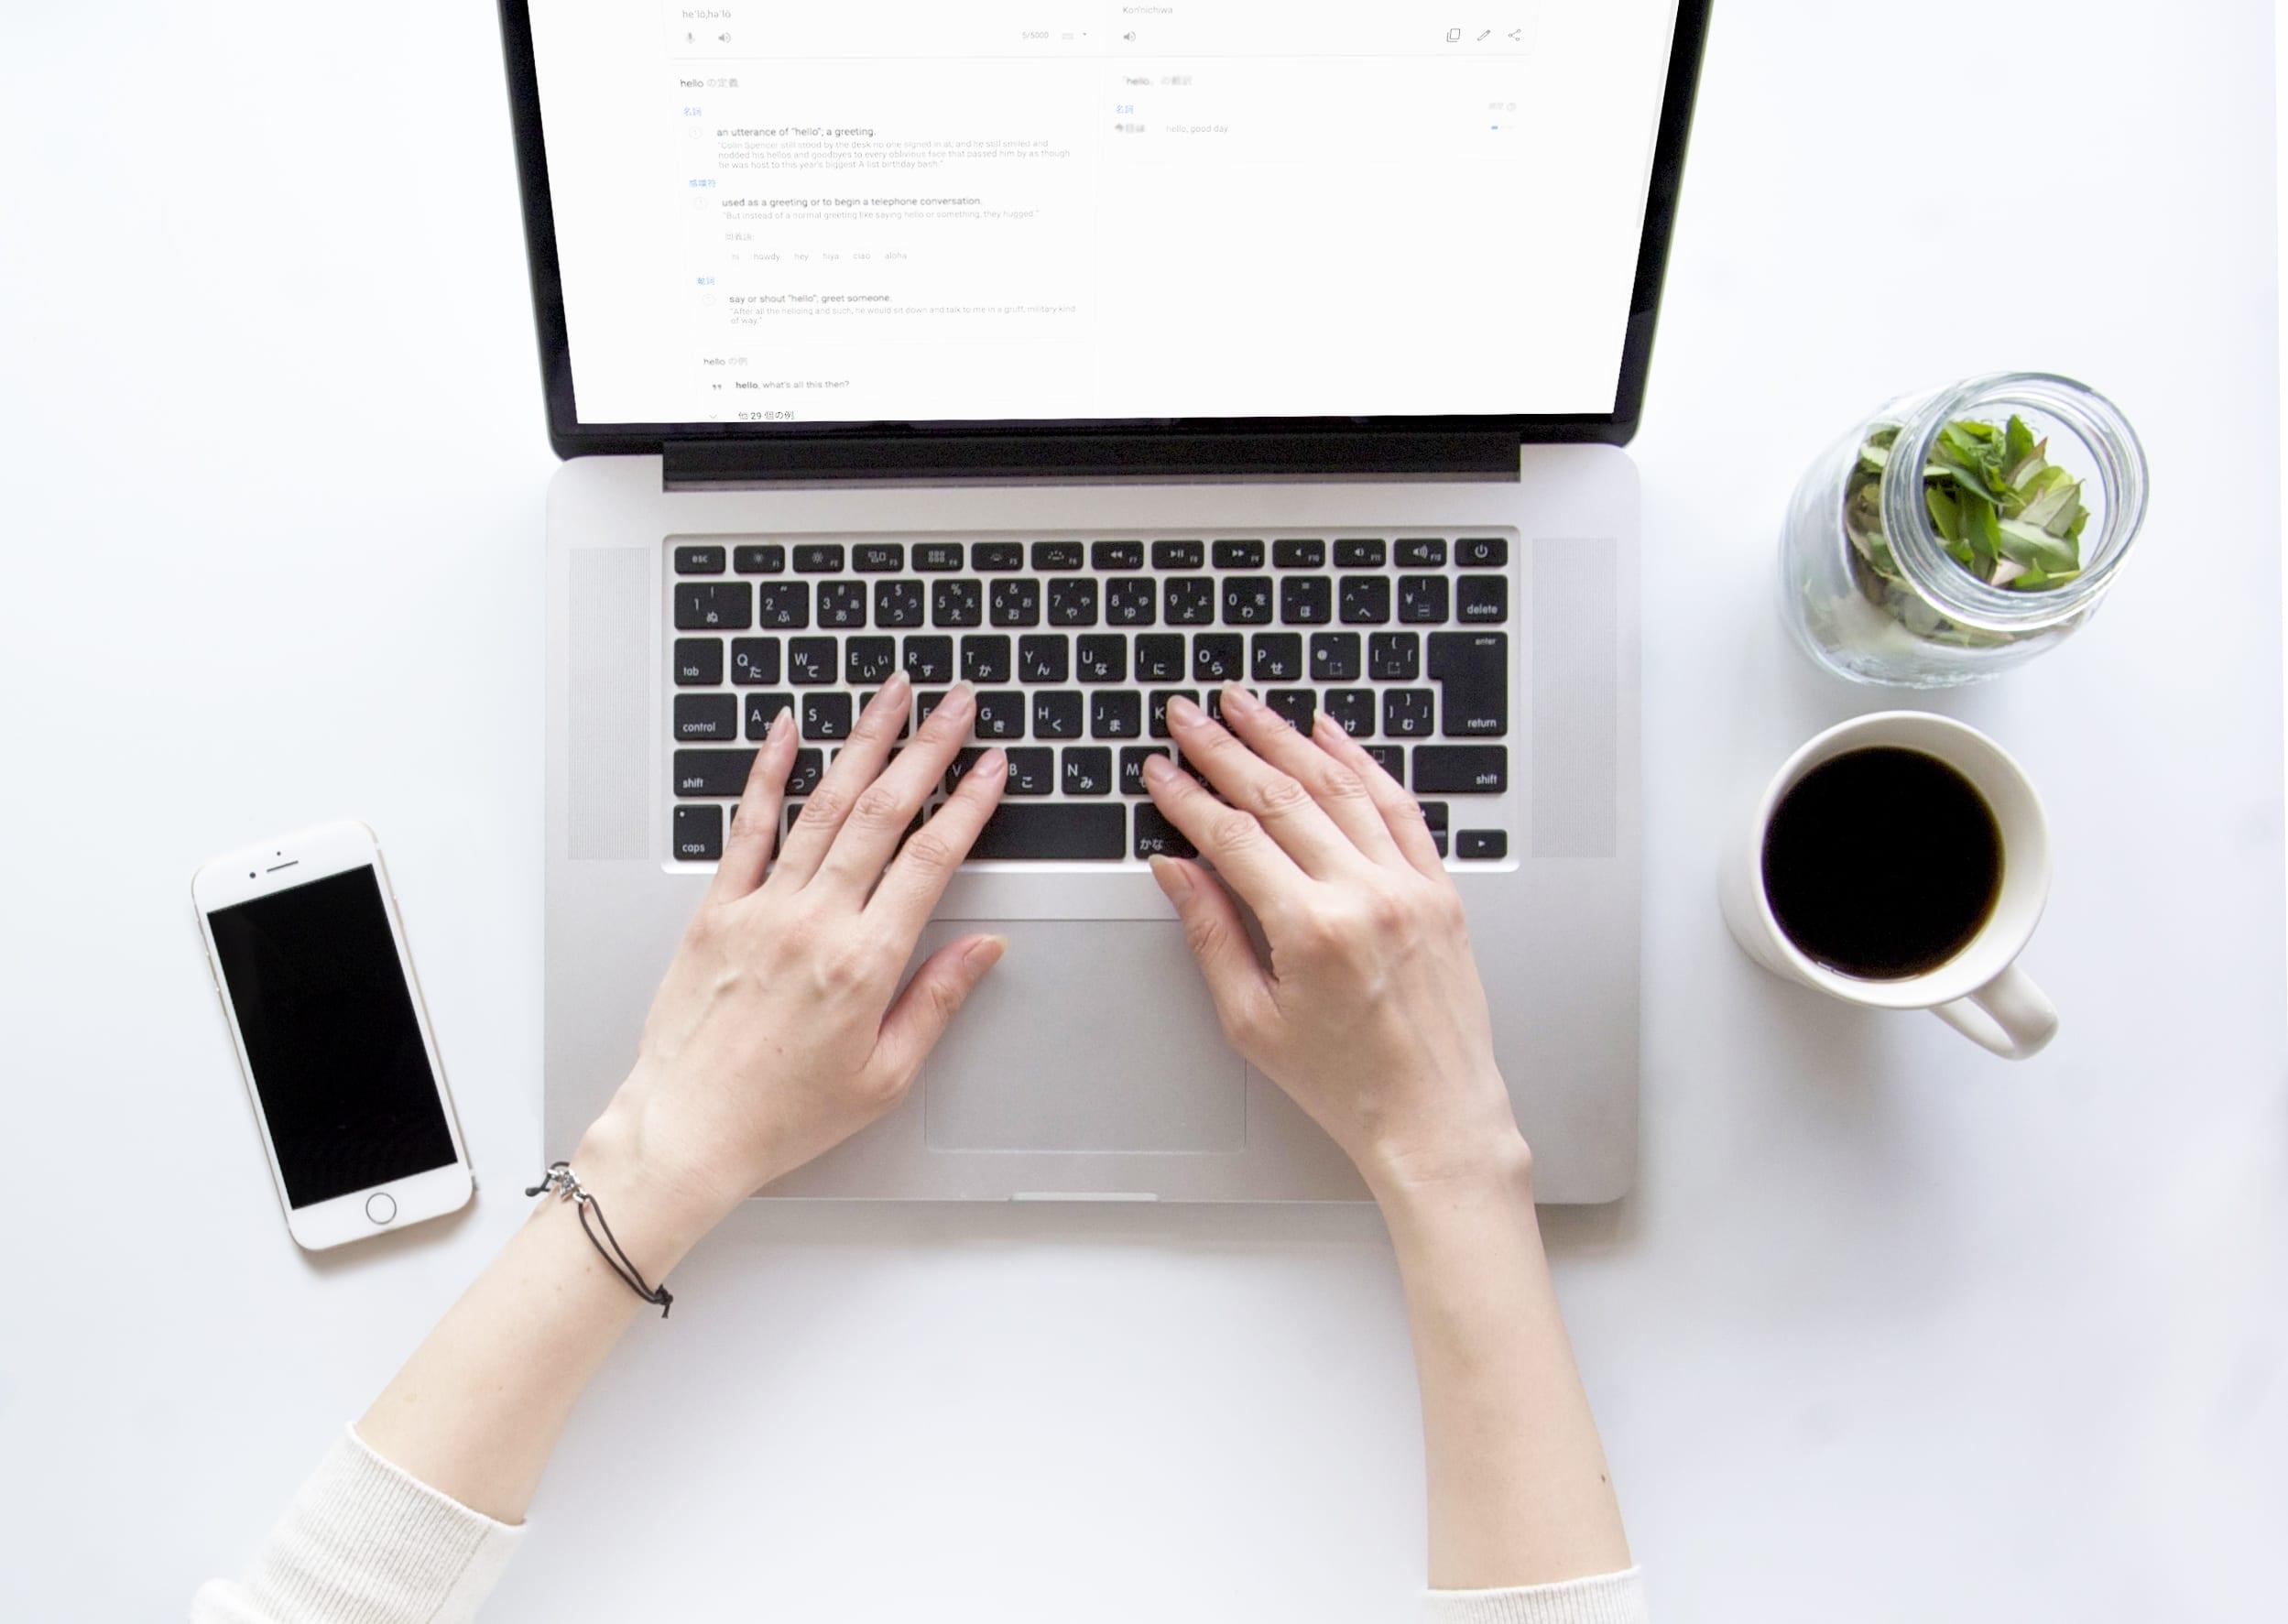 パソコン操作する女性の手